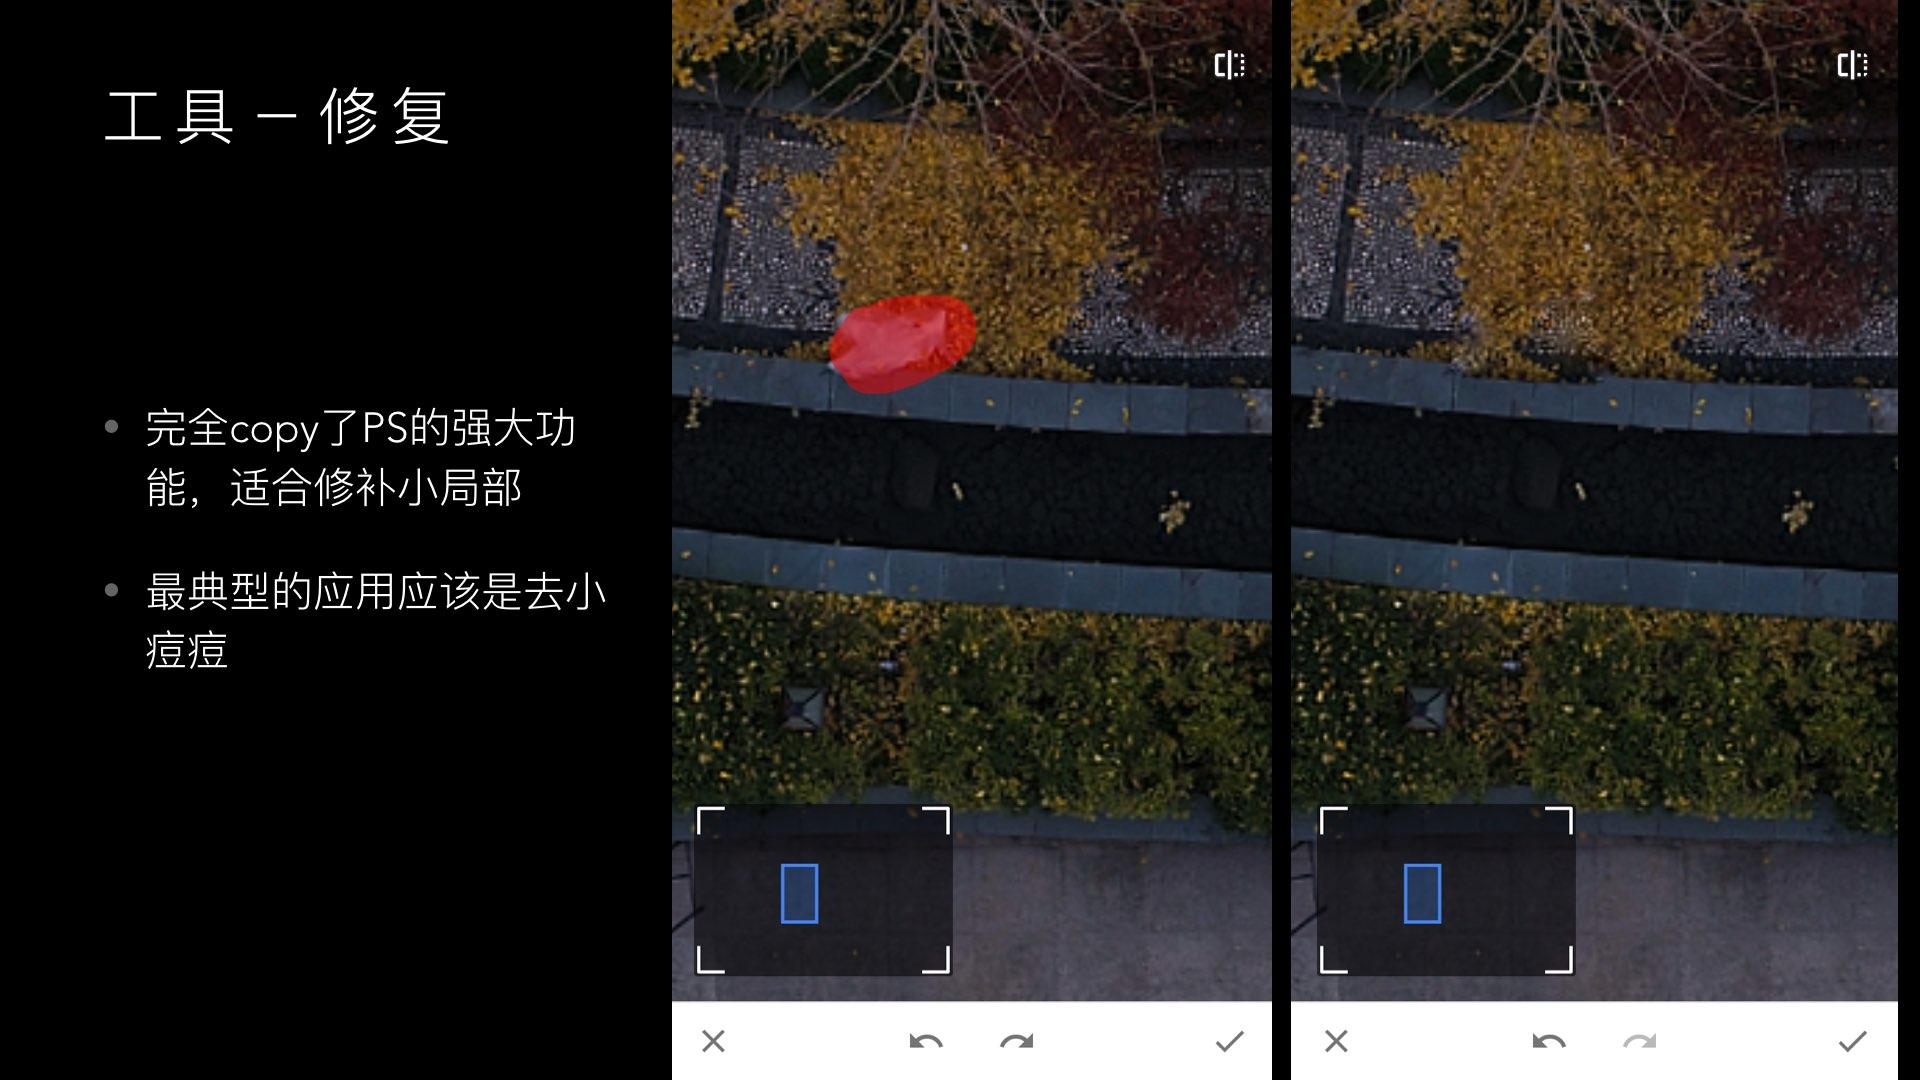 化腐朽为神奇,Snapseed图片编辑教程.017.jpeg